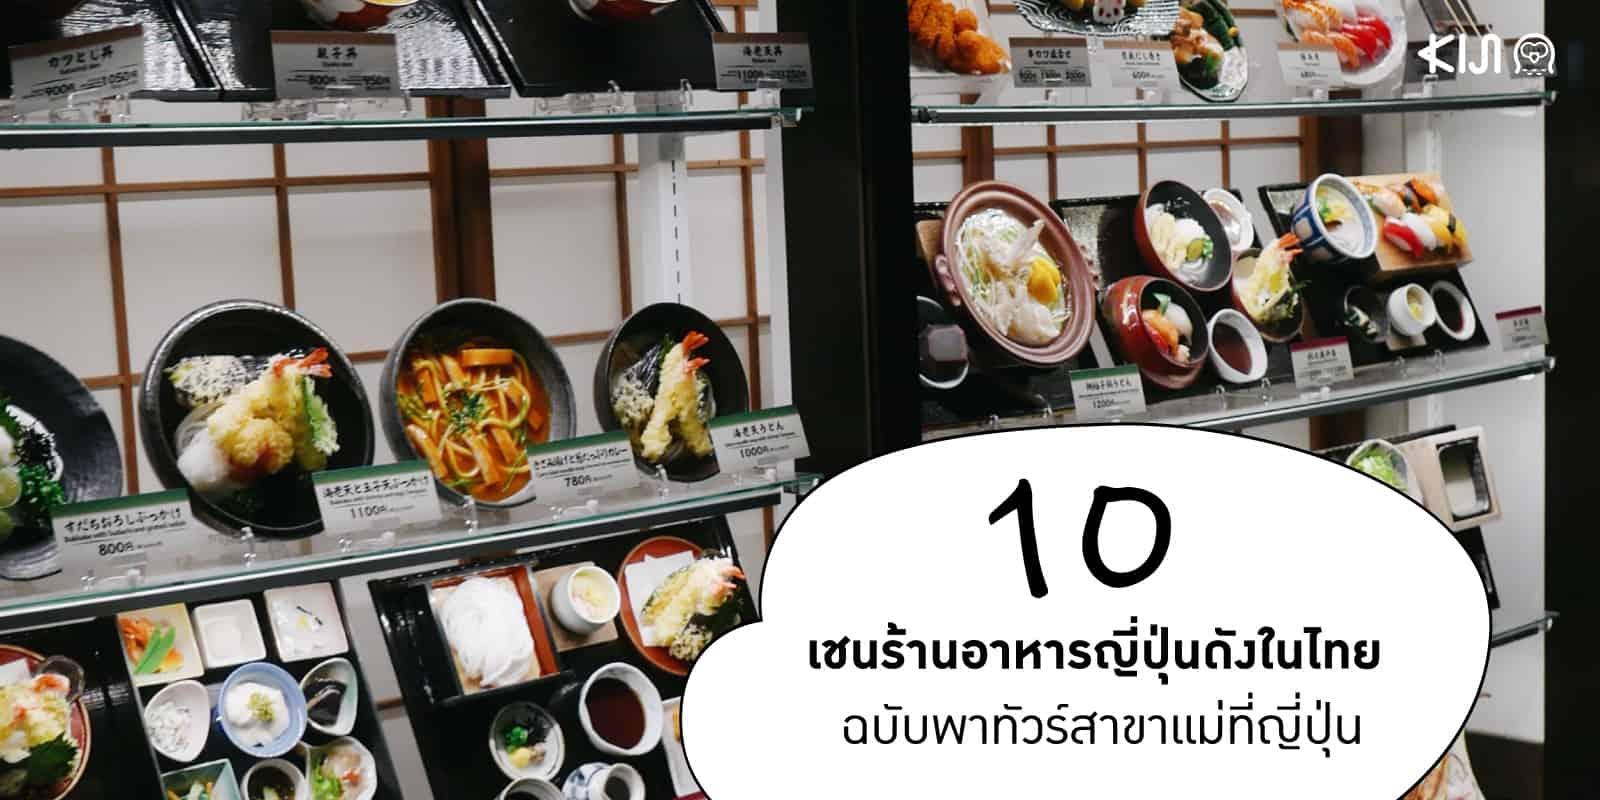 เชนร้านอาหารญี่ปุ่น เจ้าดังในไทย